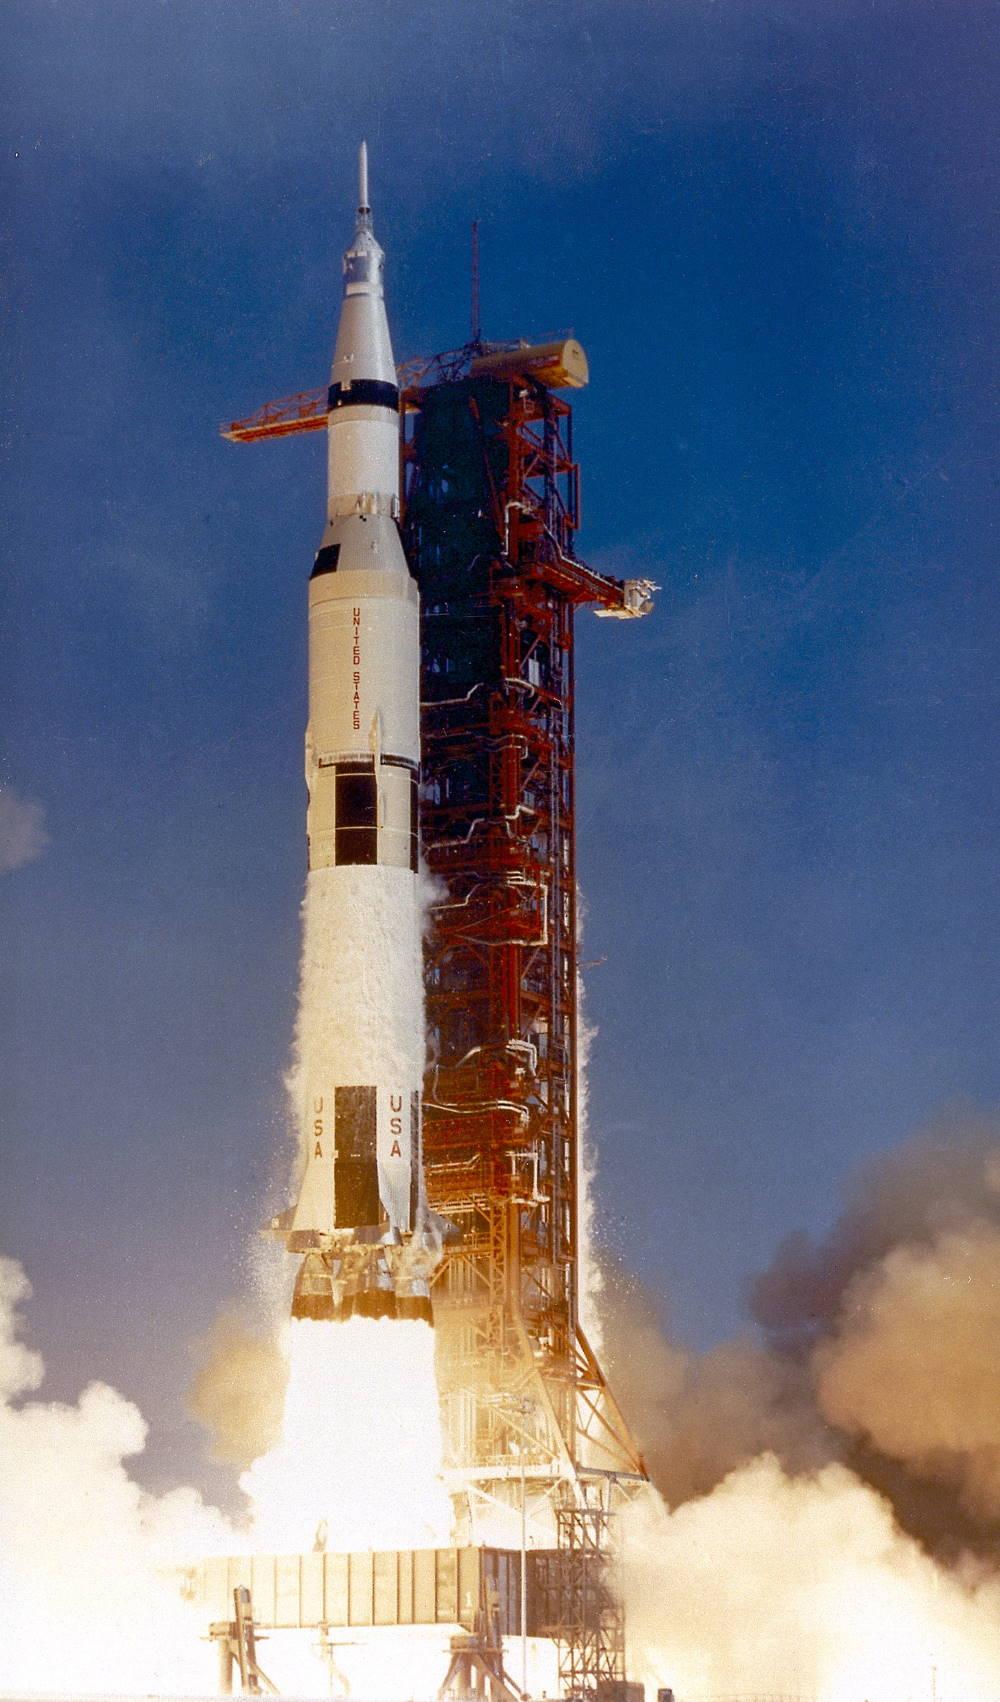 Sứ mệnh Apollo 11 được phóng lên không gian bởi tên lửa Saturn V từ Trung tâm Không gian Kennedy, Florida. Chiếc tên lửa này cao 110 mét - cao hơn cả tượng Nữ thần Tự do ở New York. Khi được đổ đầy nhiên liệu, hỏa tiễn sẽ nặng hơn 2.800 tấn.